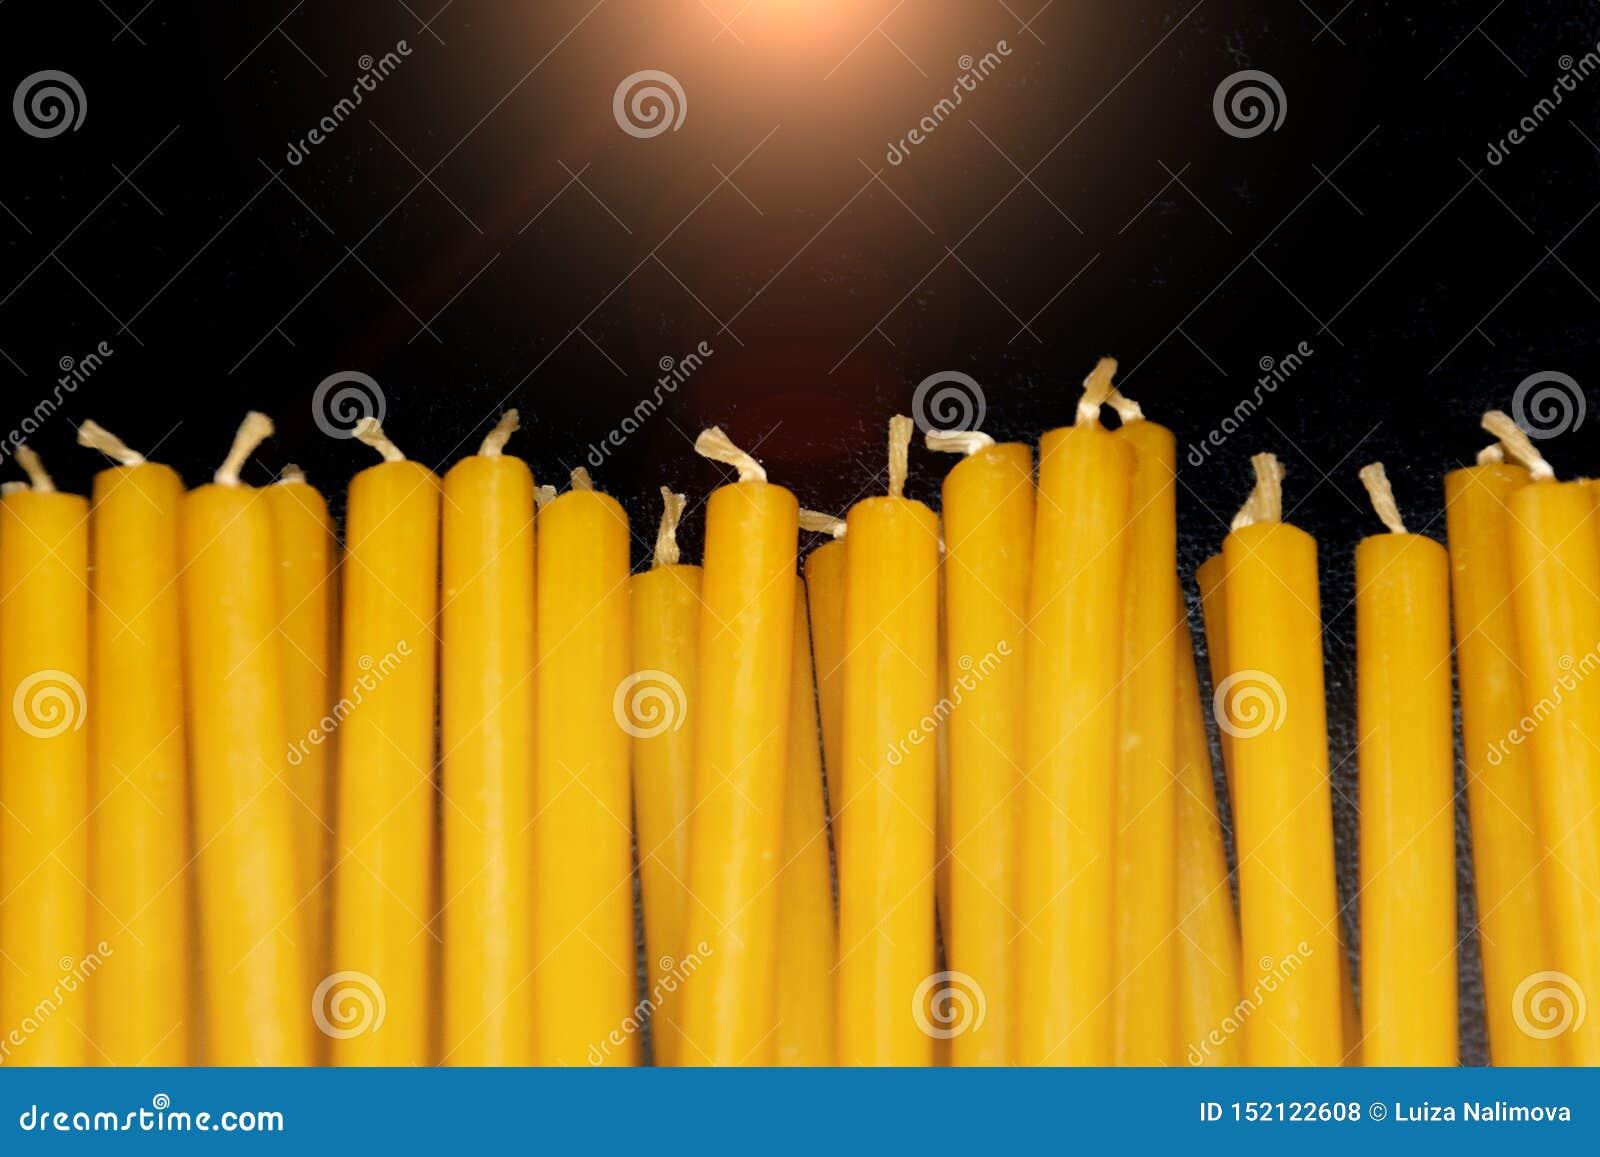 Många naturliga tunna gula vaxstearinljus ligger på svart bakgrund